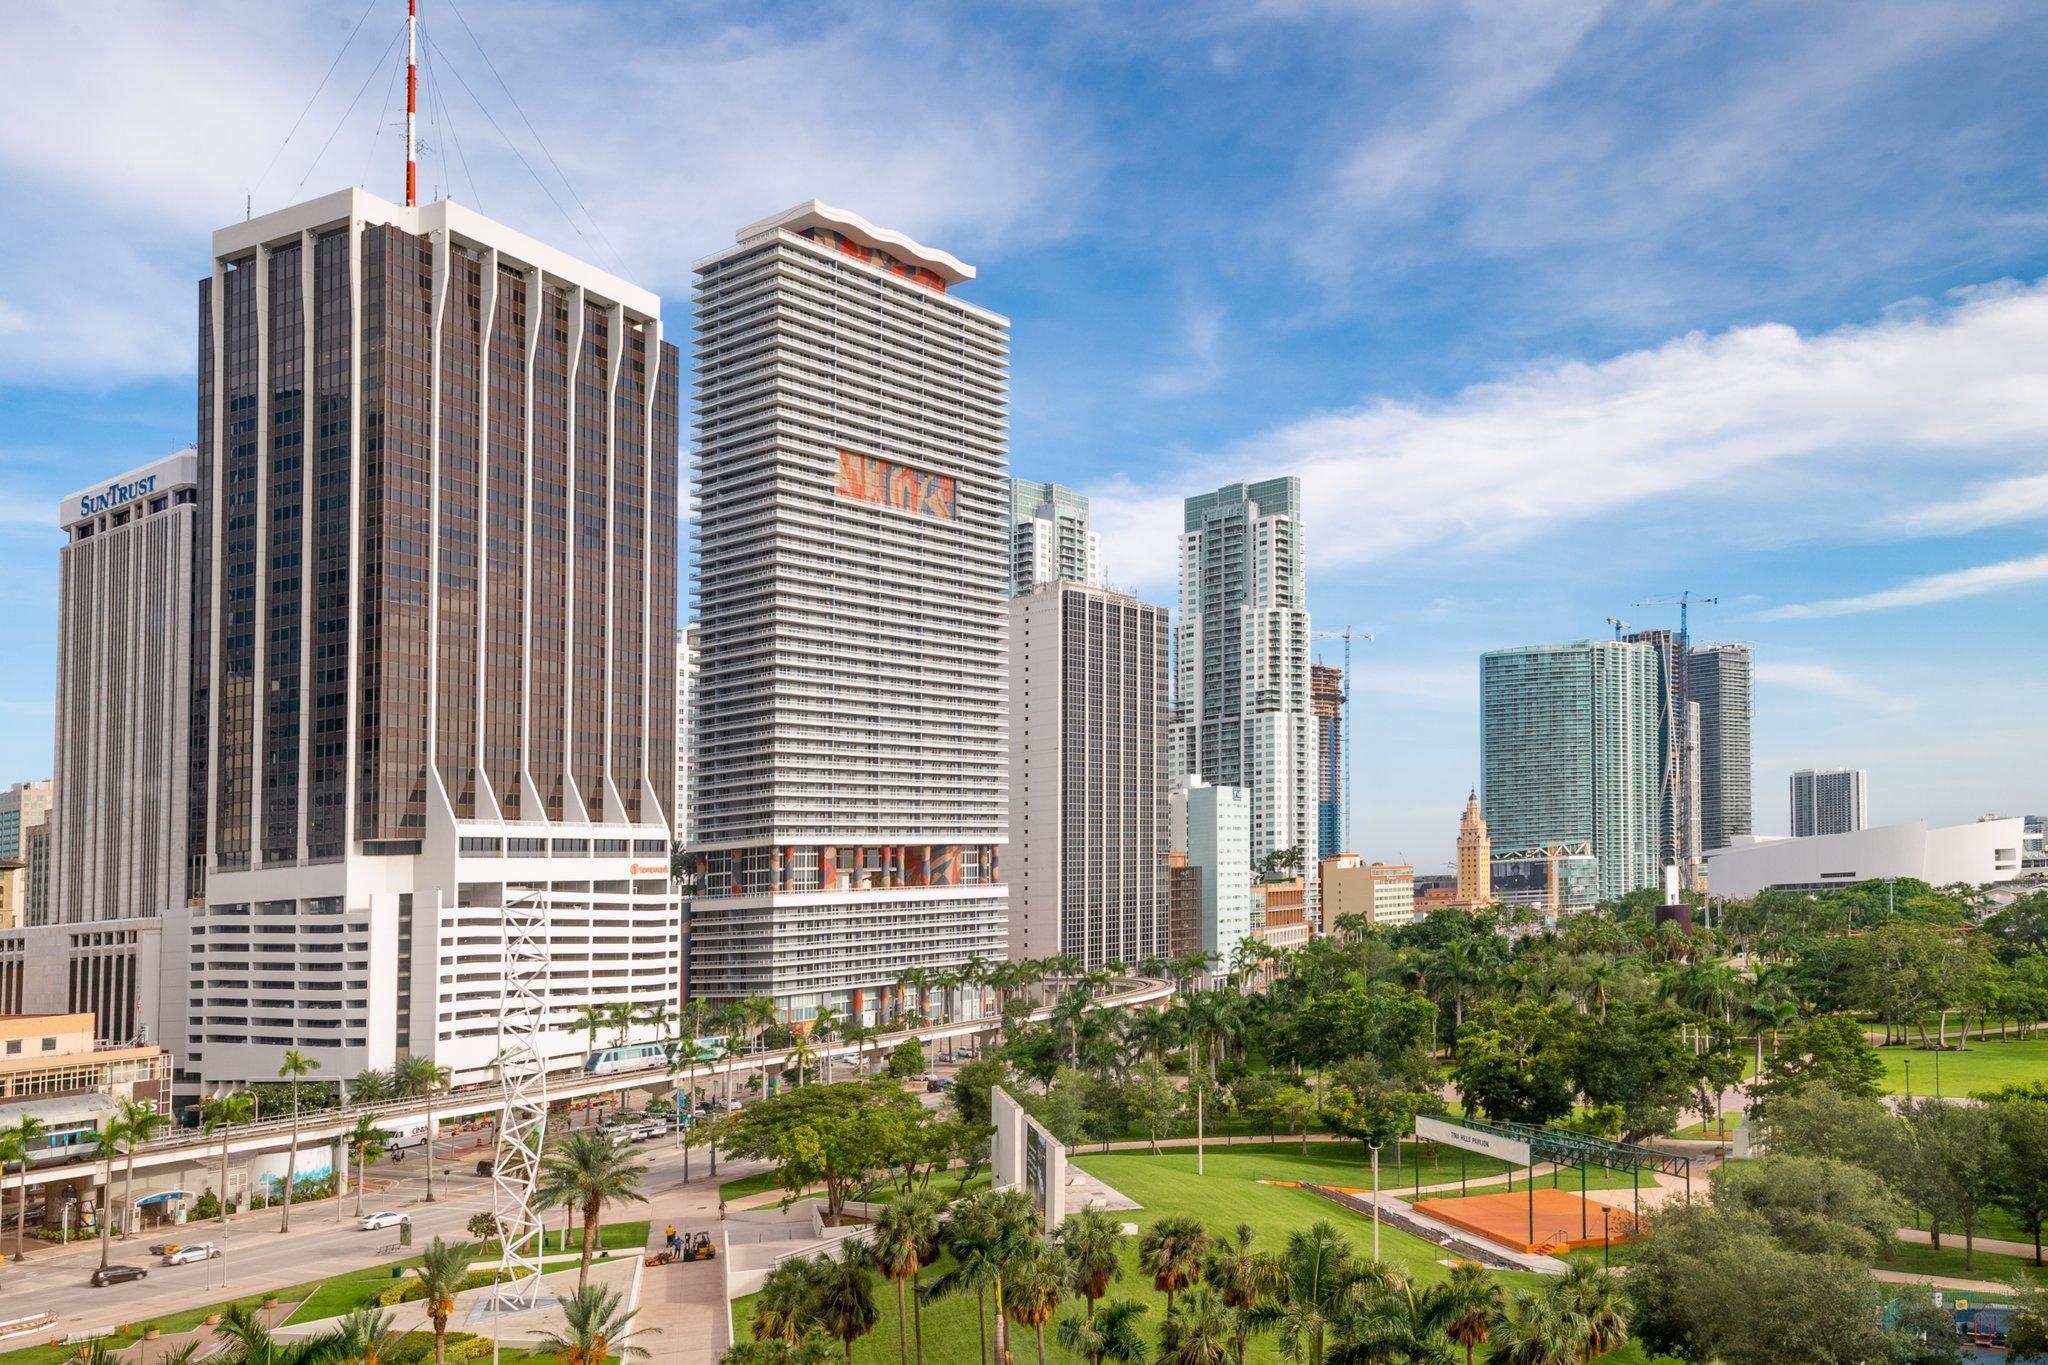 Nero velocità dating Miami incontri Penang Malaysia